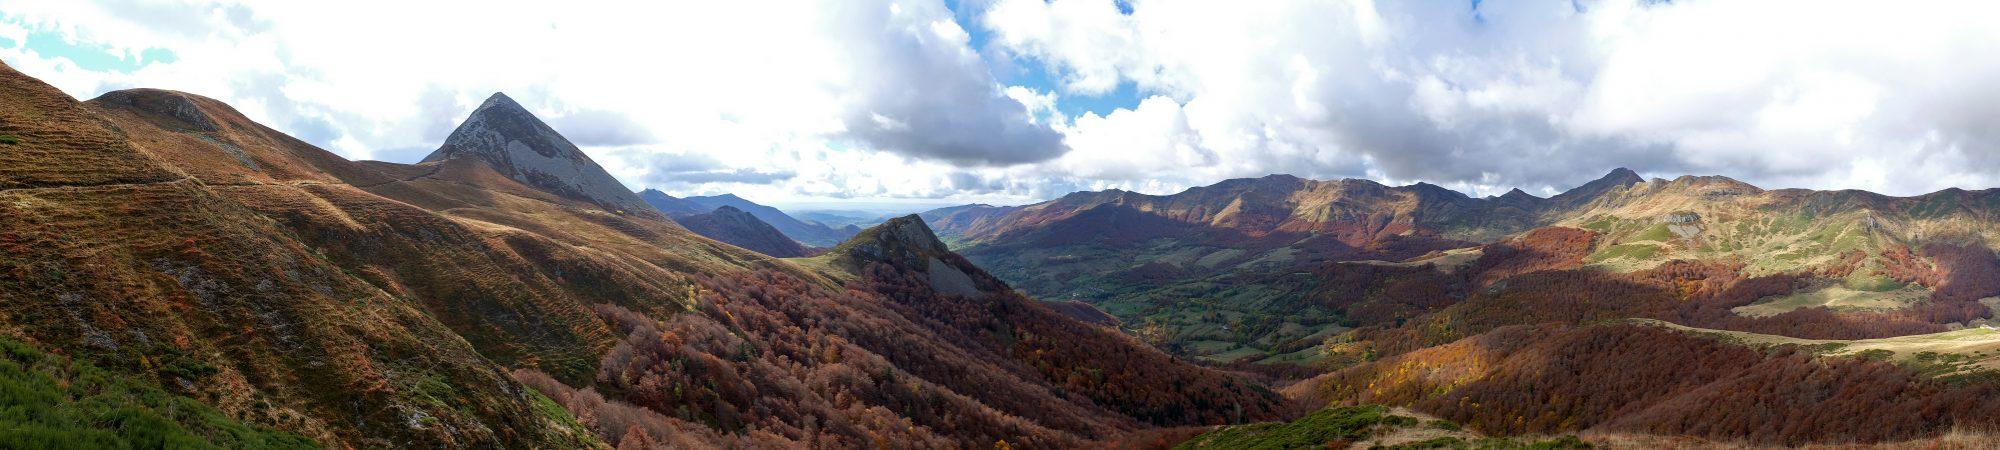 L'automne sur les crêtes du Cantal. Photo ©P.Leroy